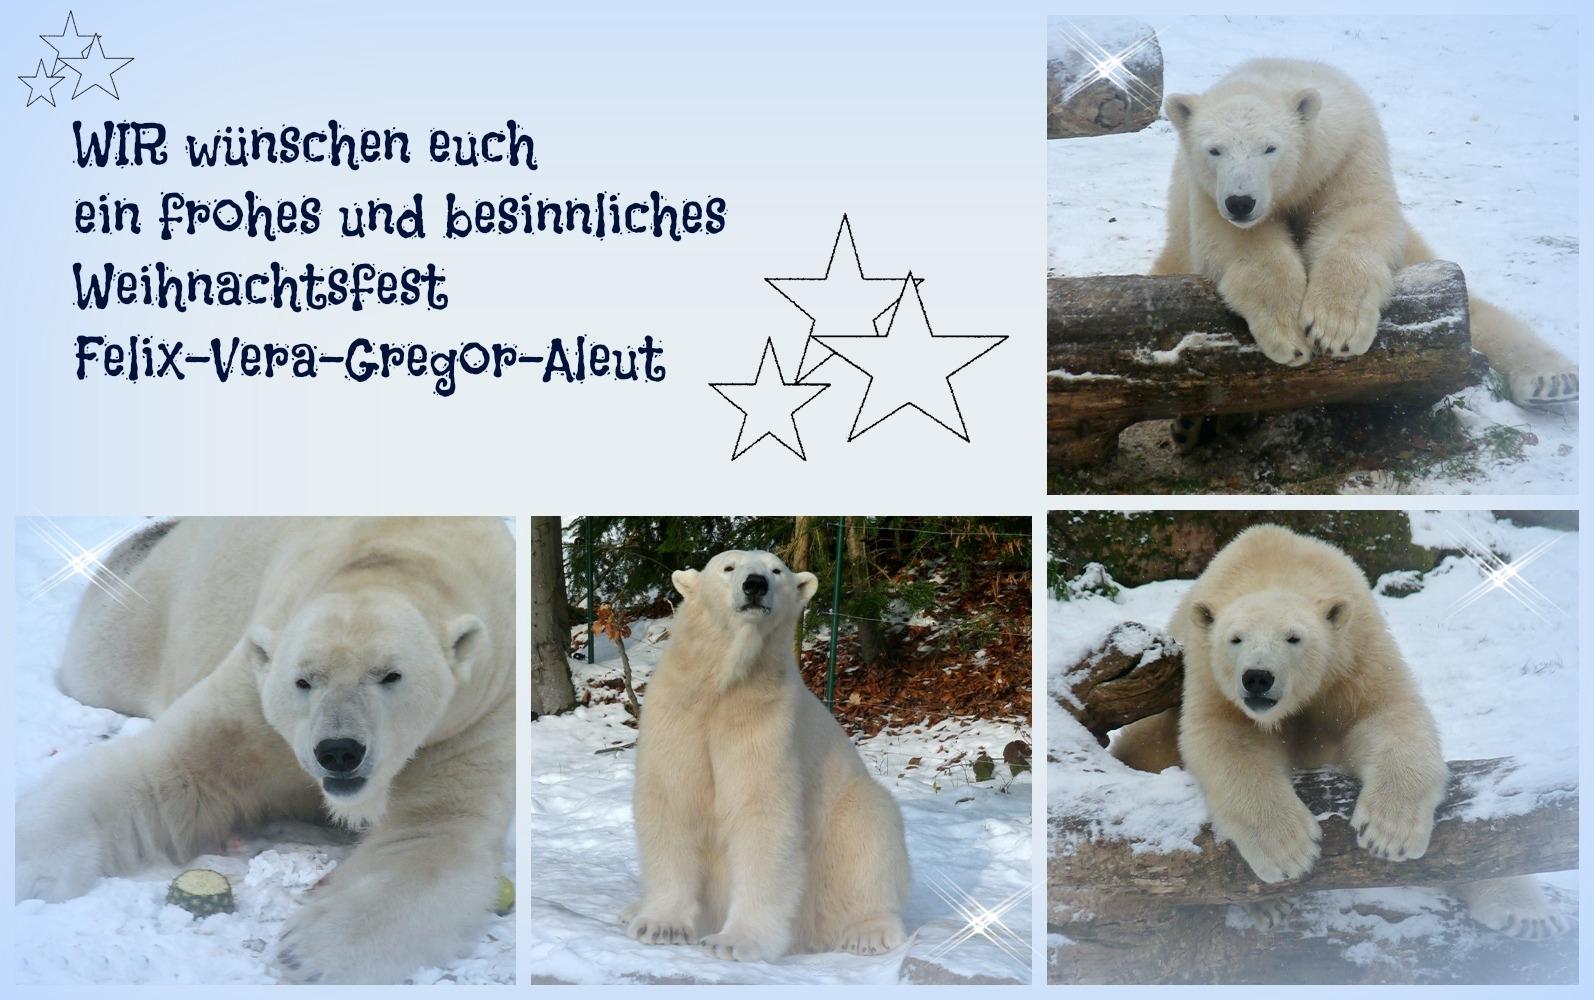 Stille Nacht - Heilige Nacht - Eisbären aus dem Tiergarten Nürnberg - 2012